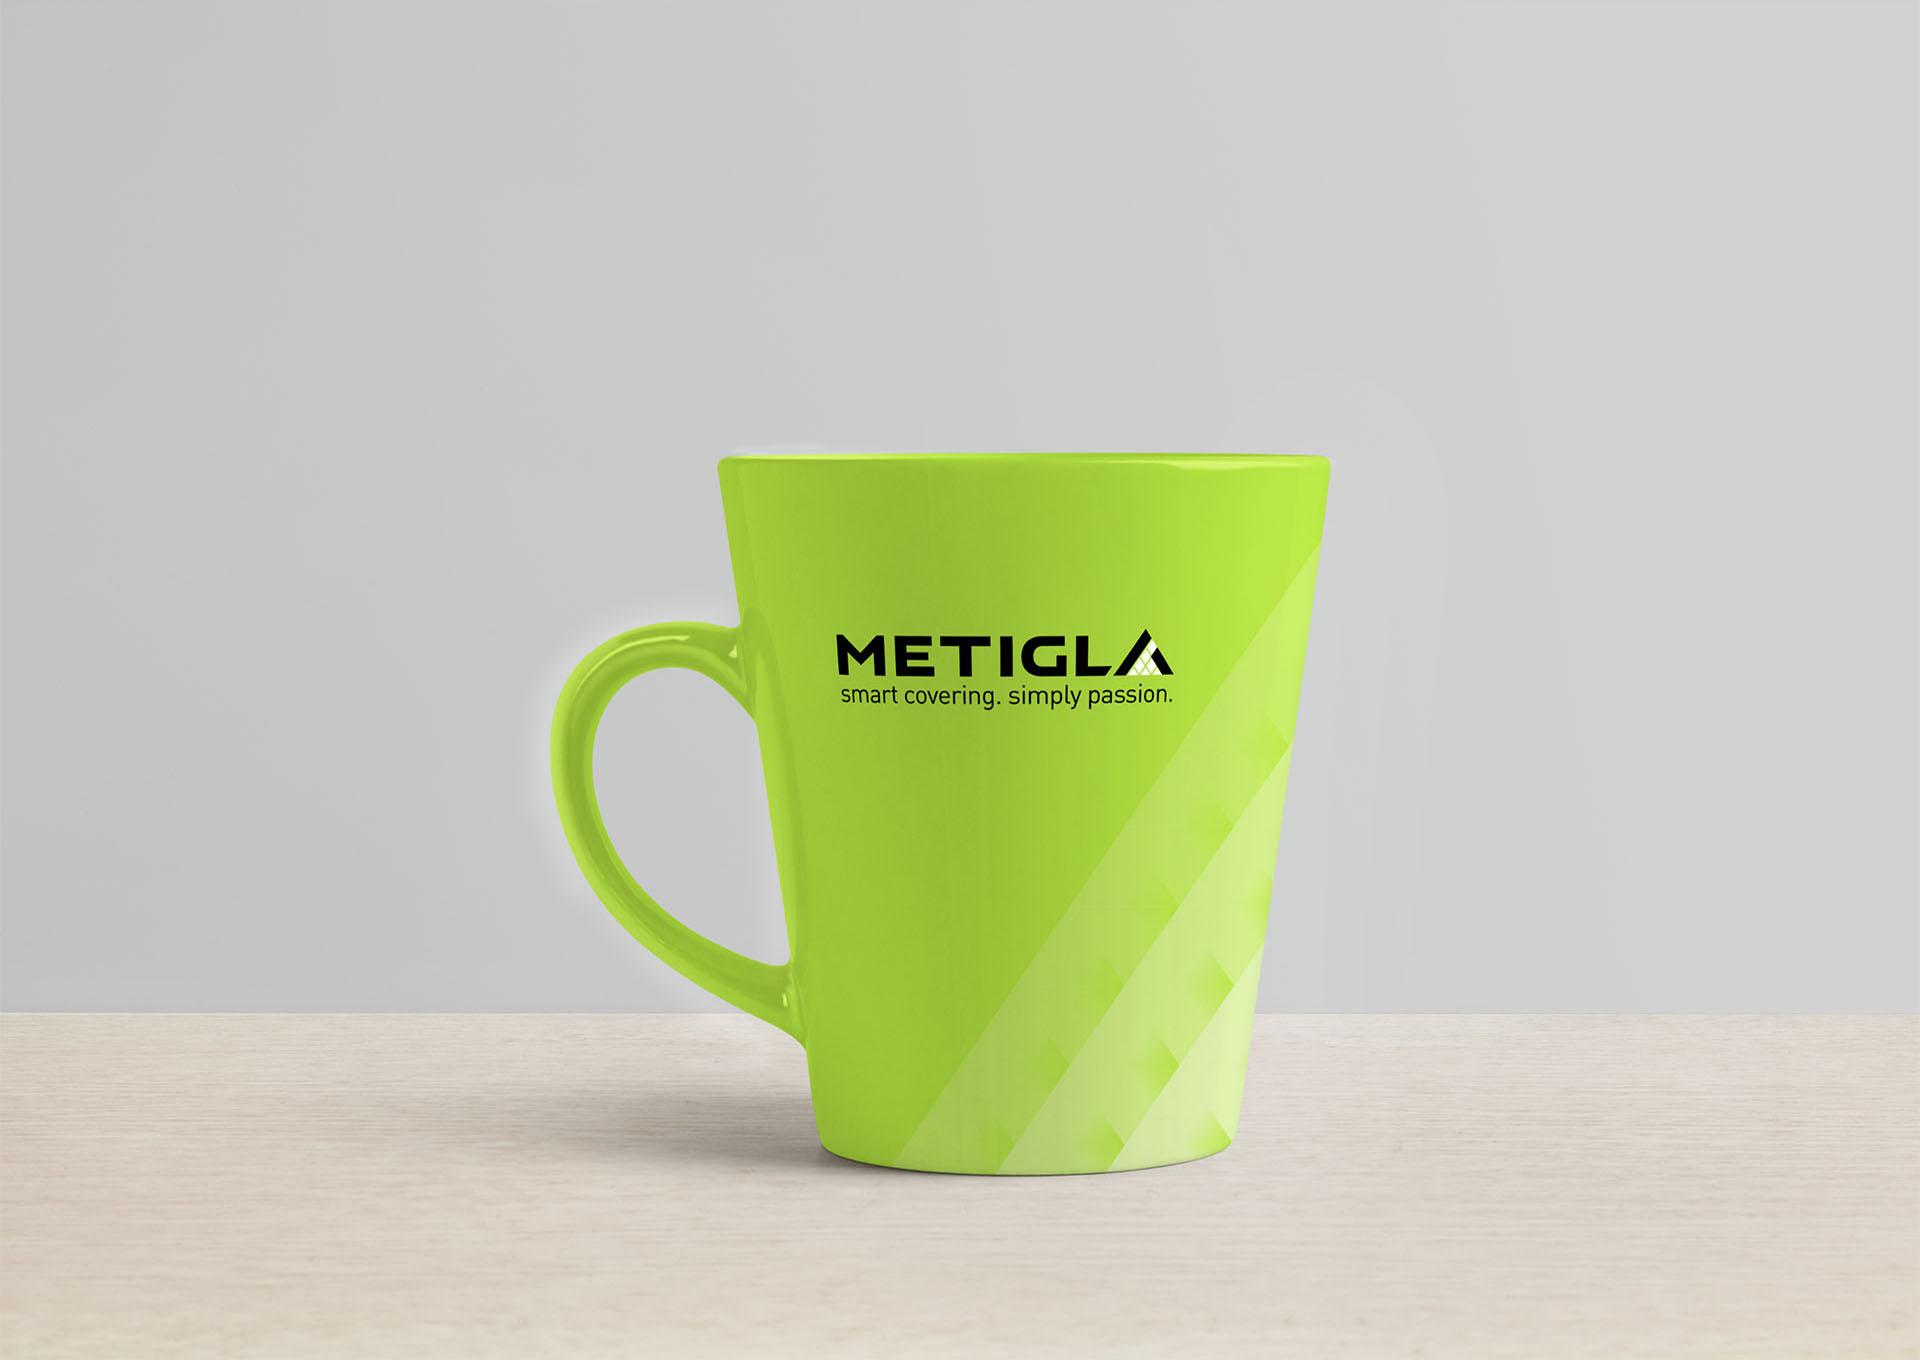 metigla branding cana